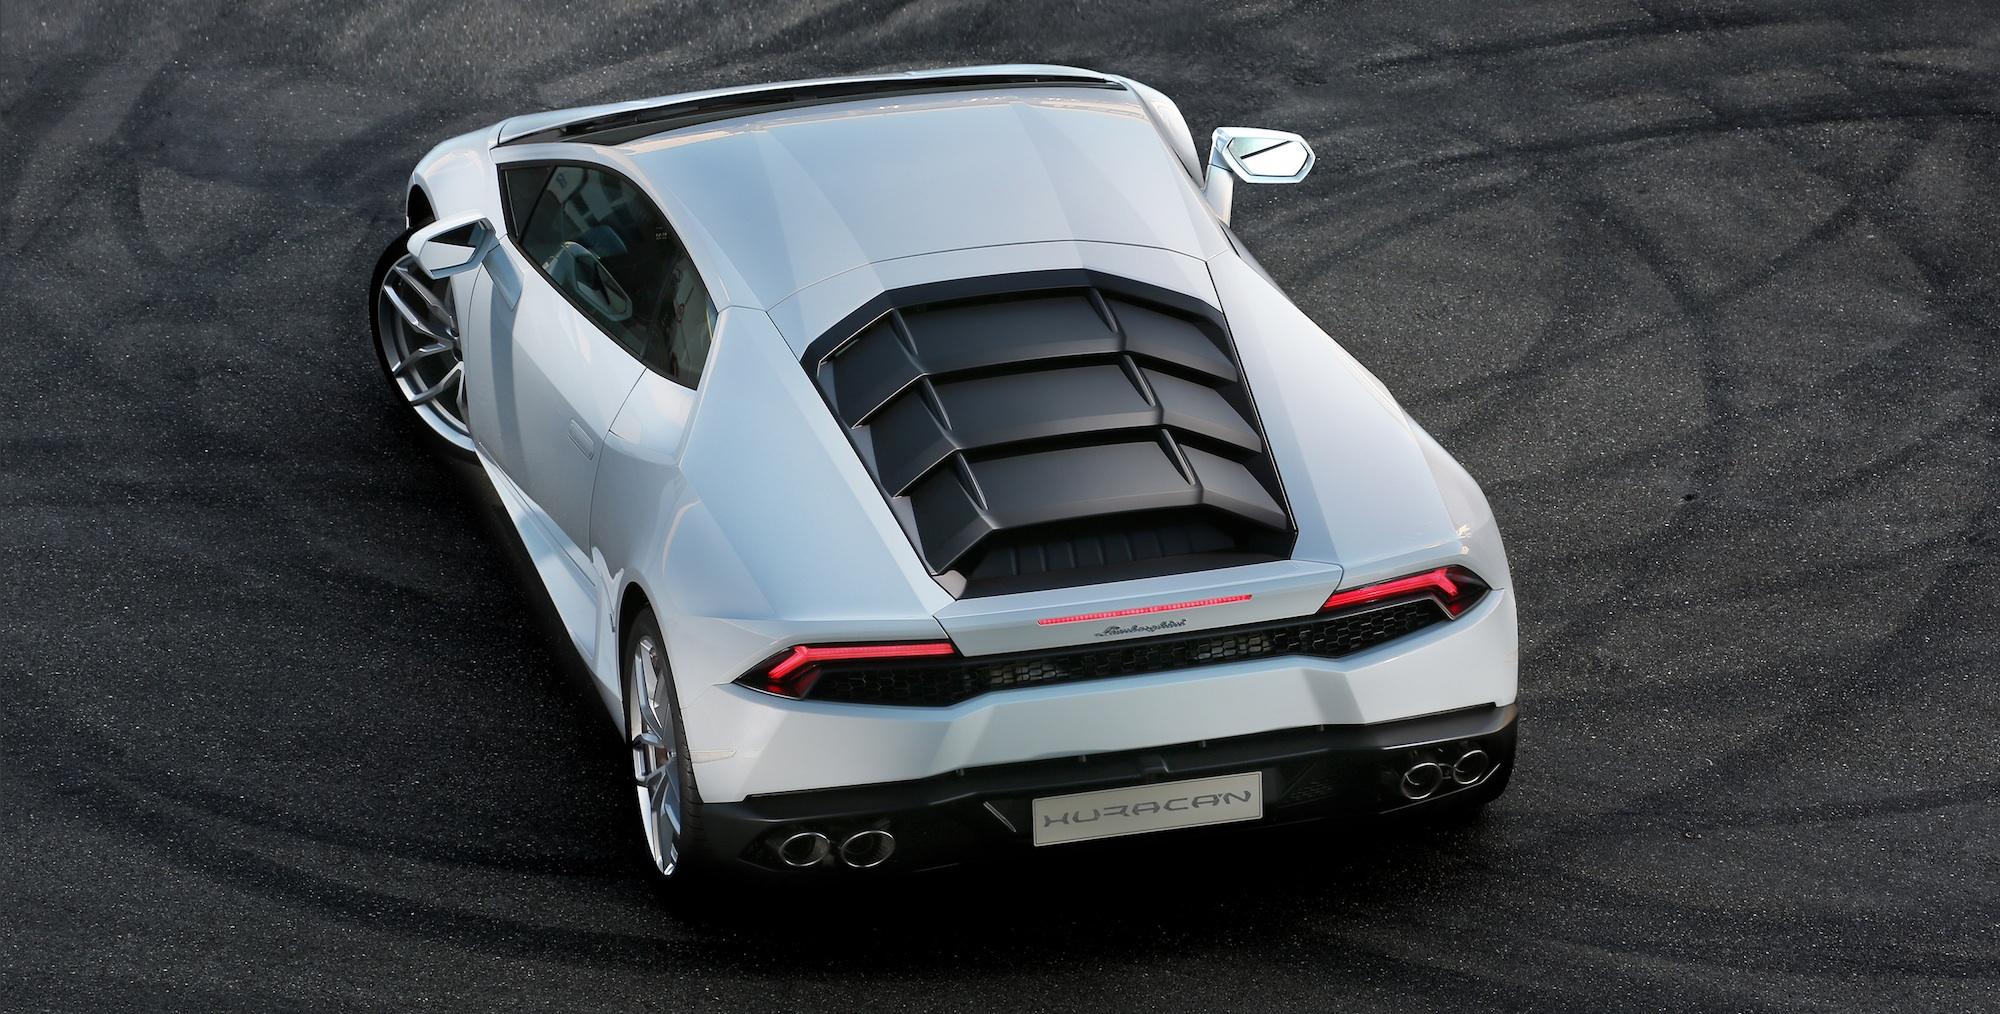 Lamborghini Huracan Rear Wheel Drive Likely Manual Ruled